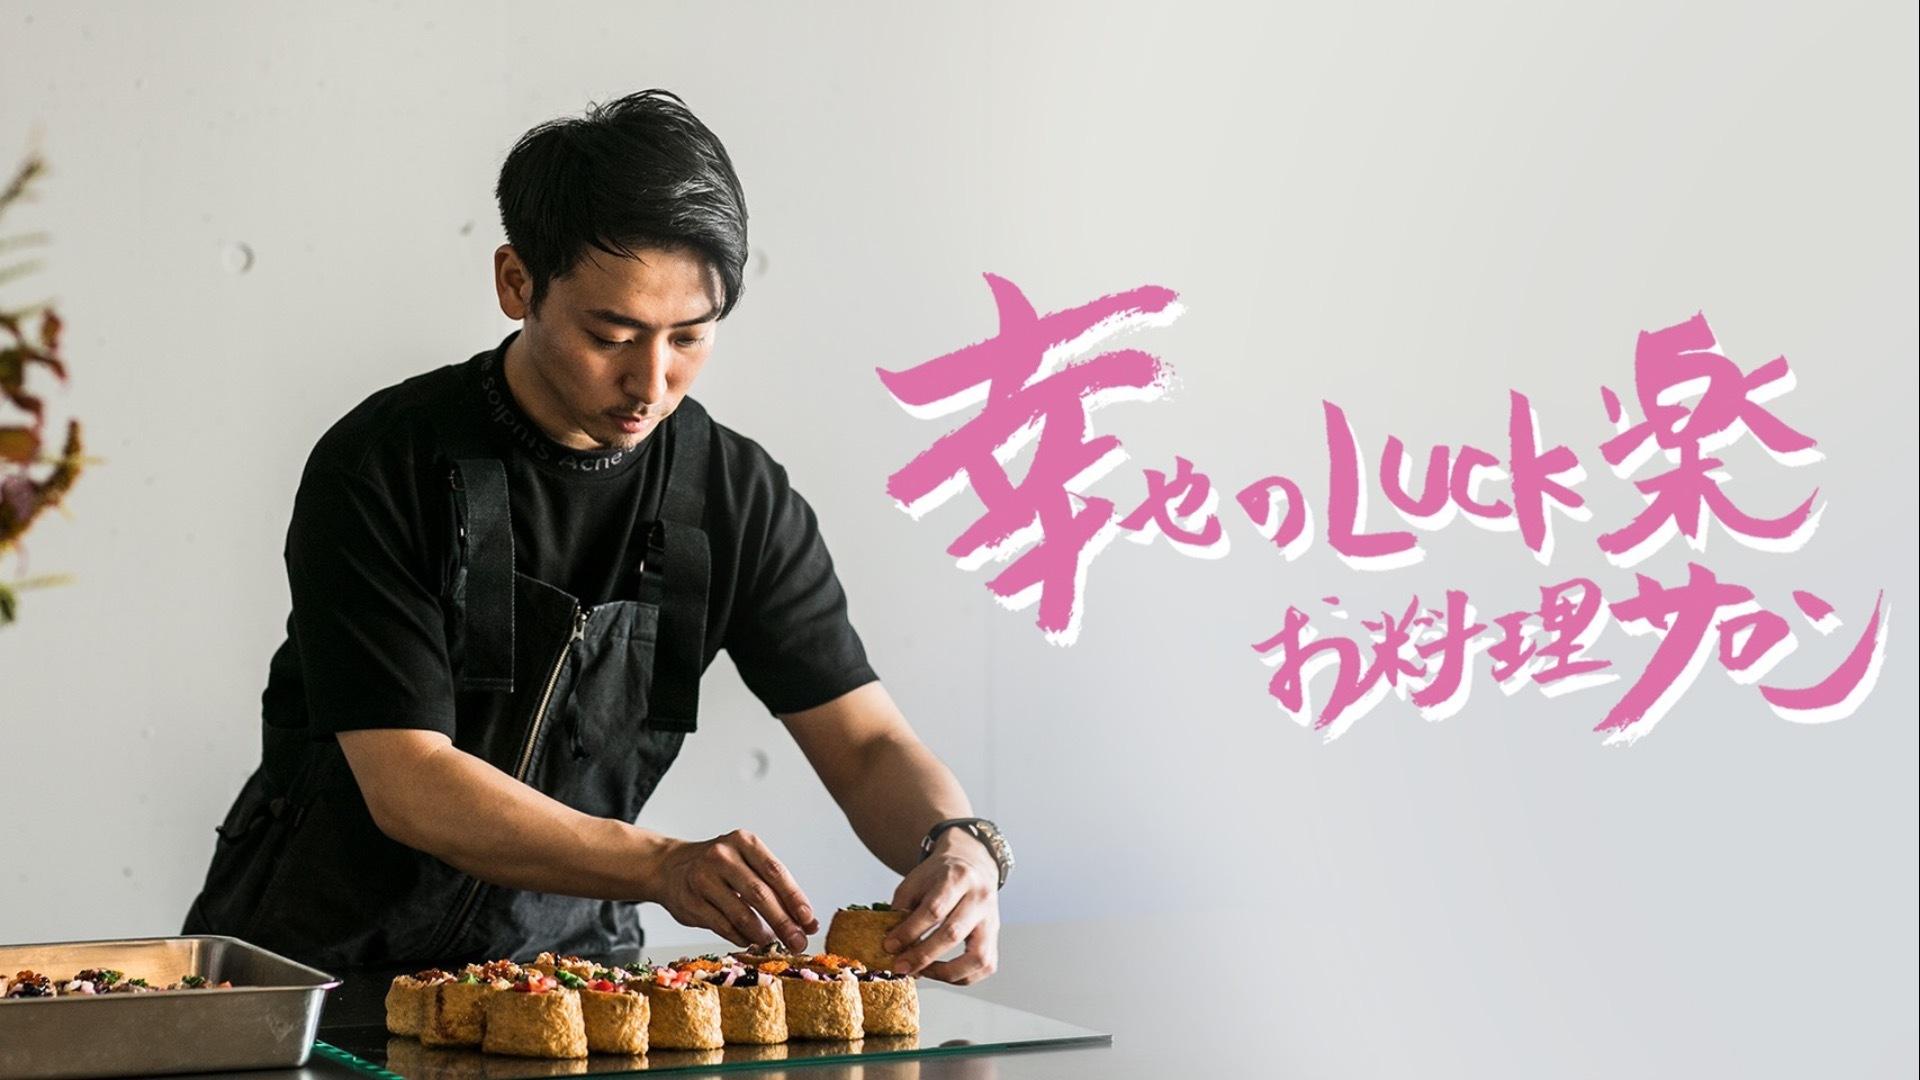 寺井 幸也 yukiya terai - 幸也のLuck楽お料理サロン - DMM オンラインサロン